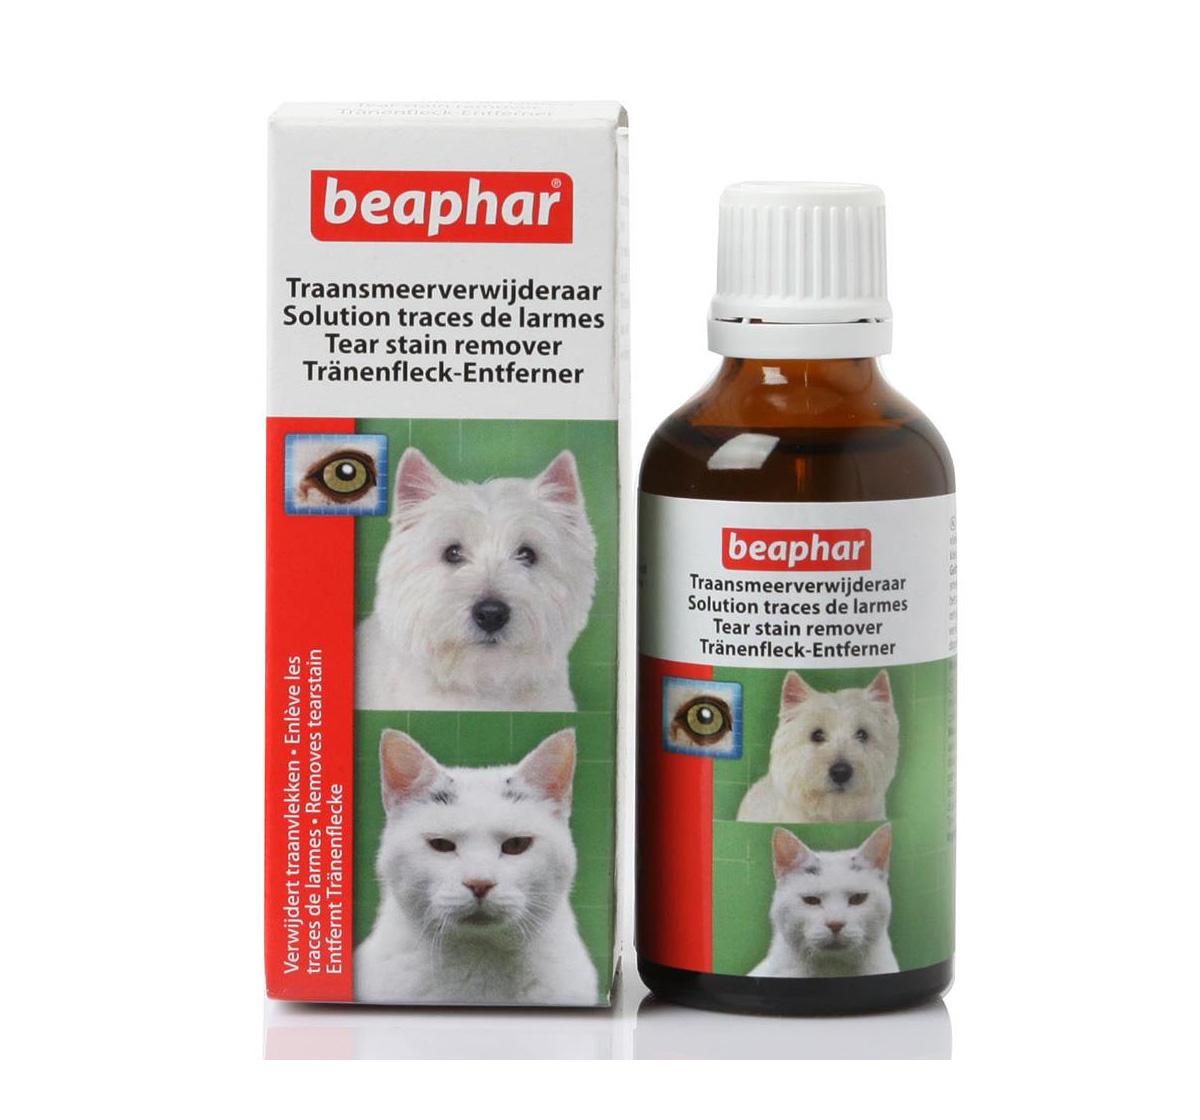 Oftal Tear Stain Remover 50 ml Beaphar